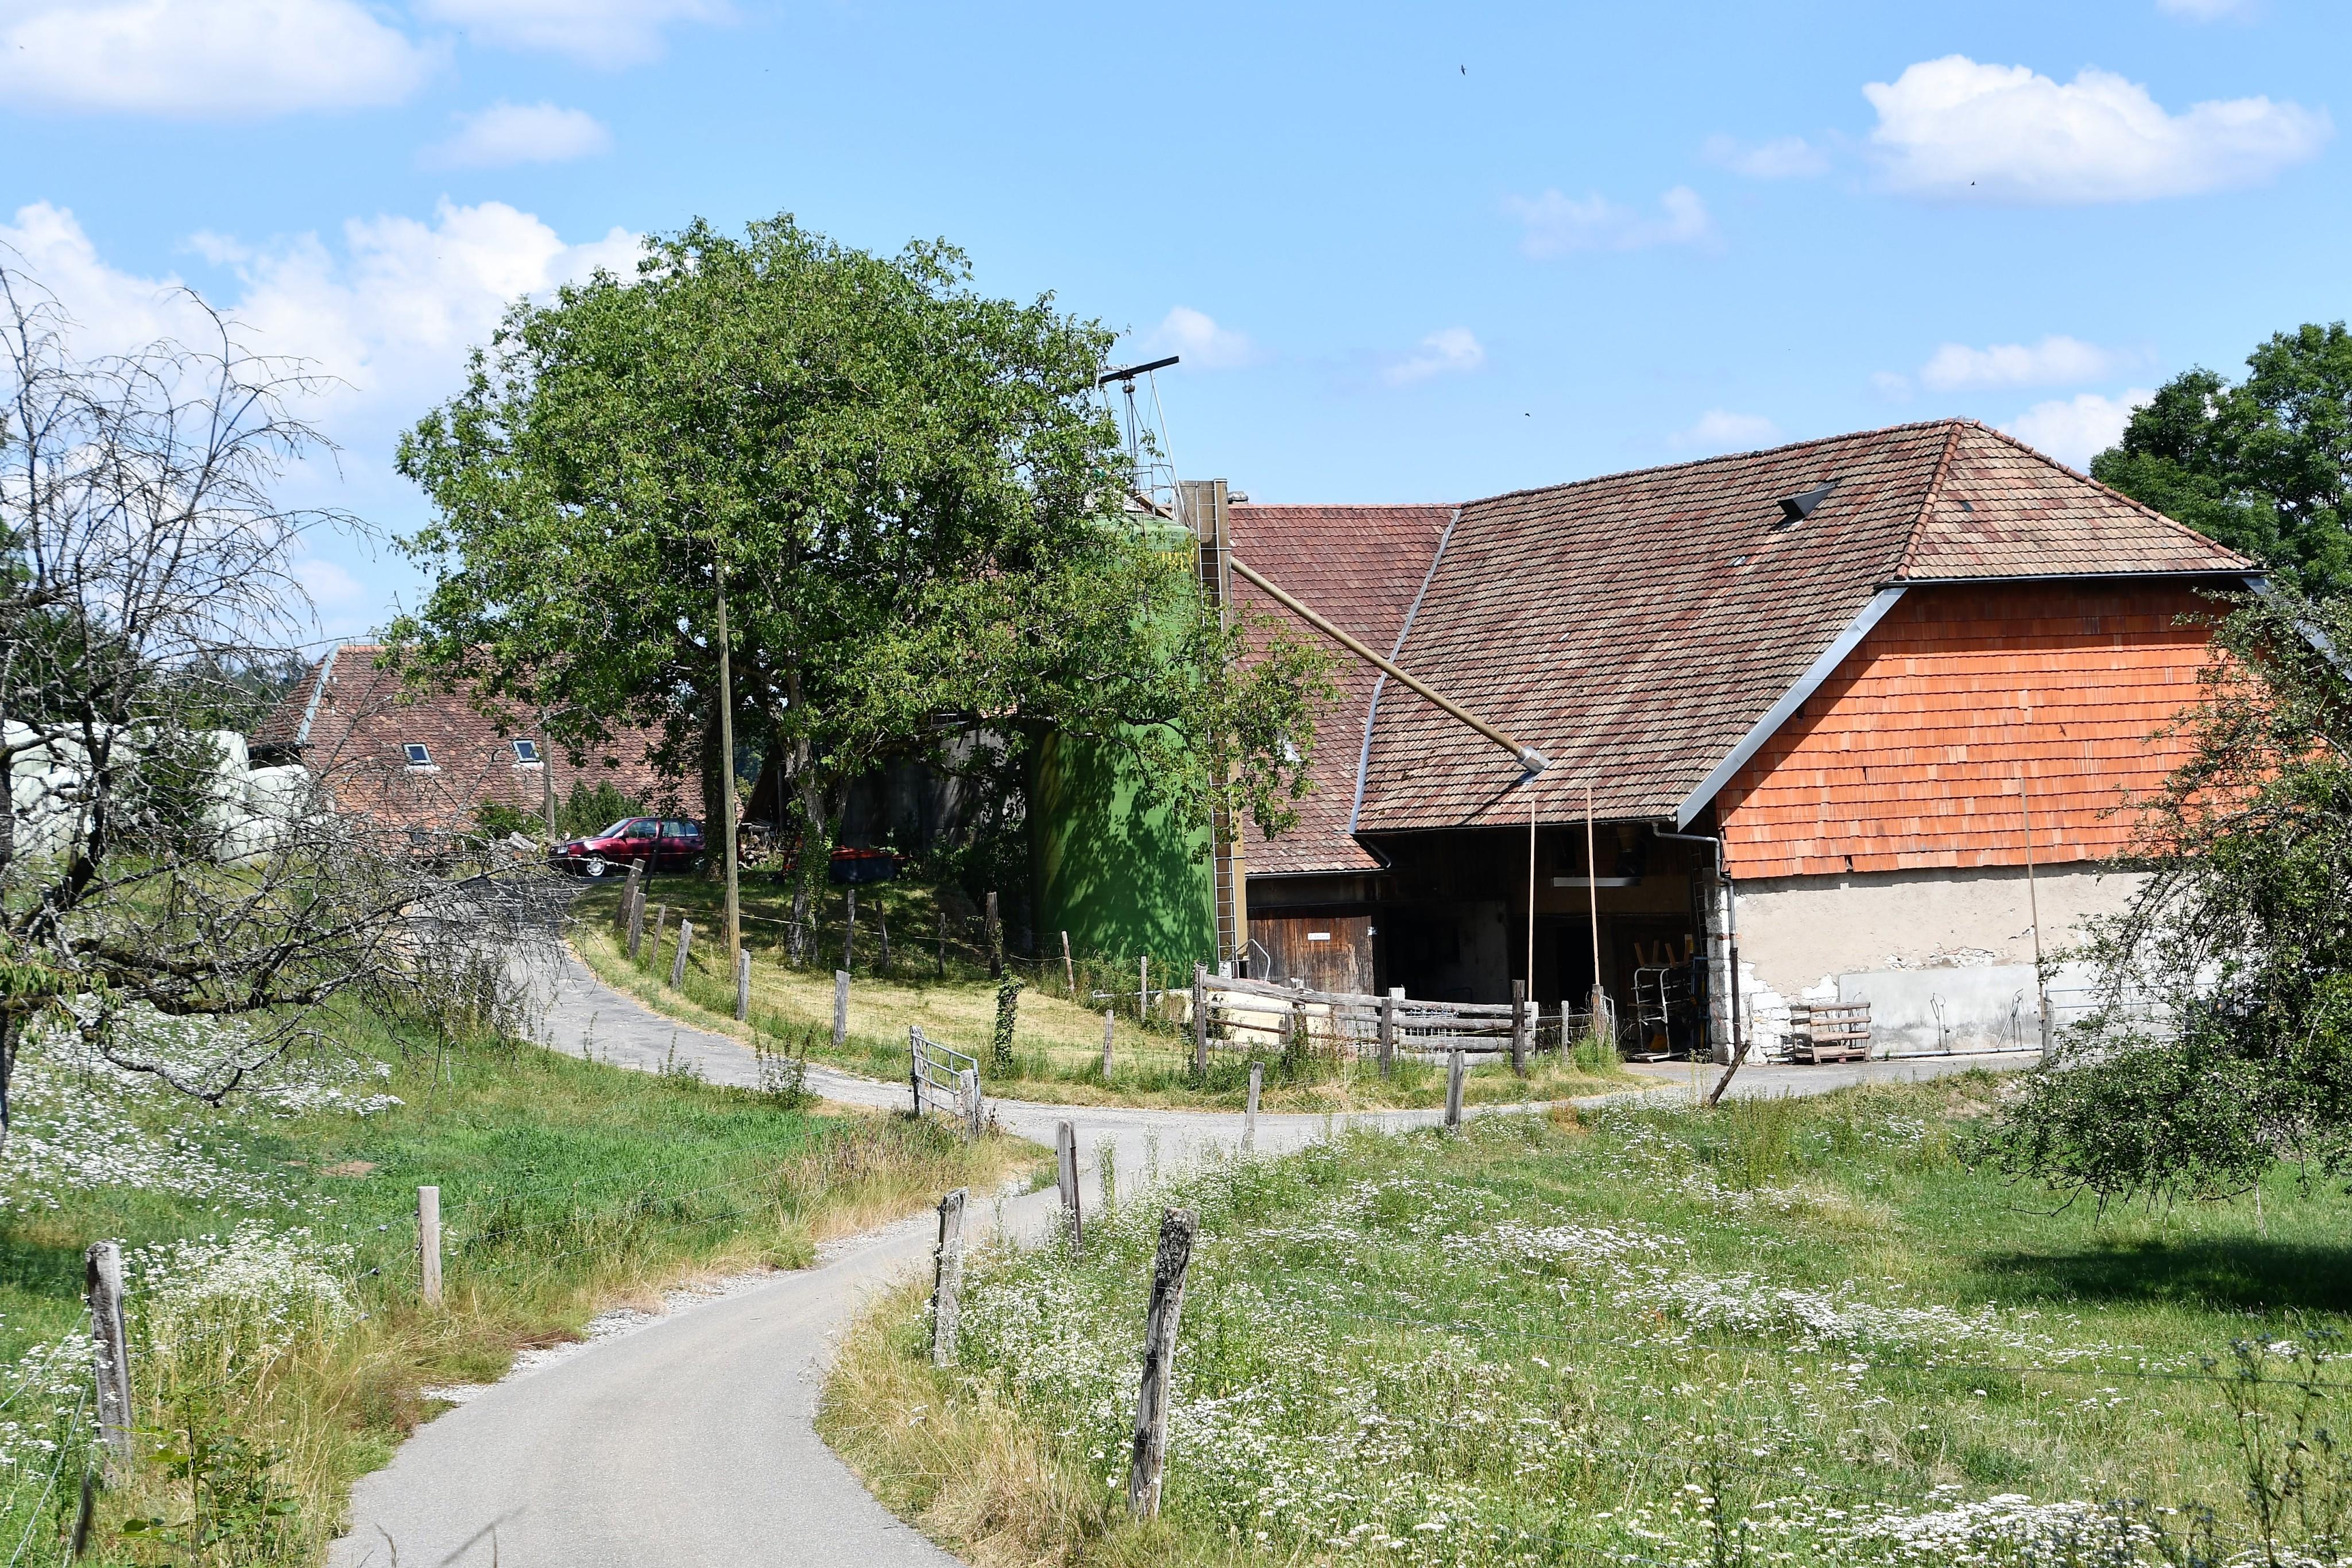 farm-feldbrunnen-14.07.2019